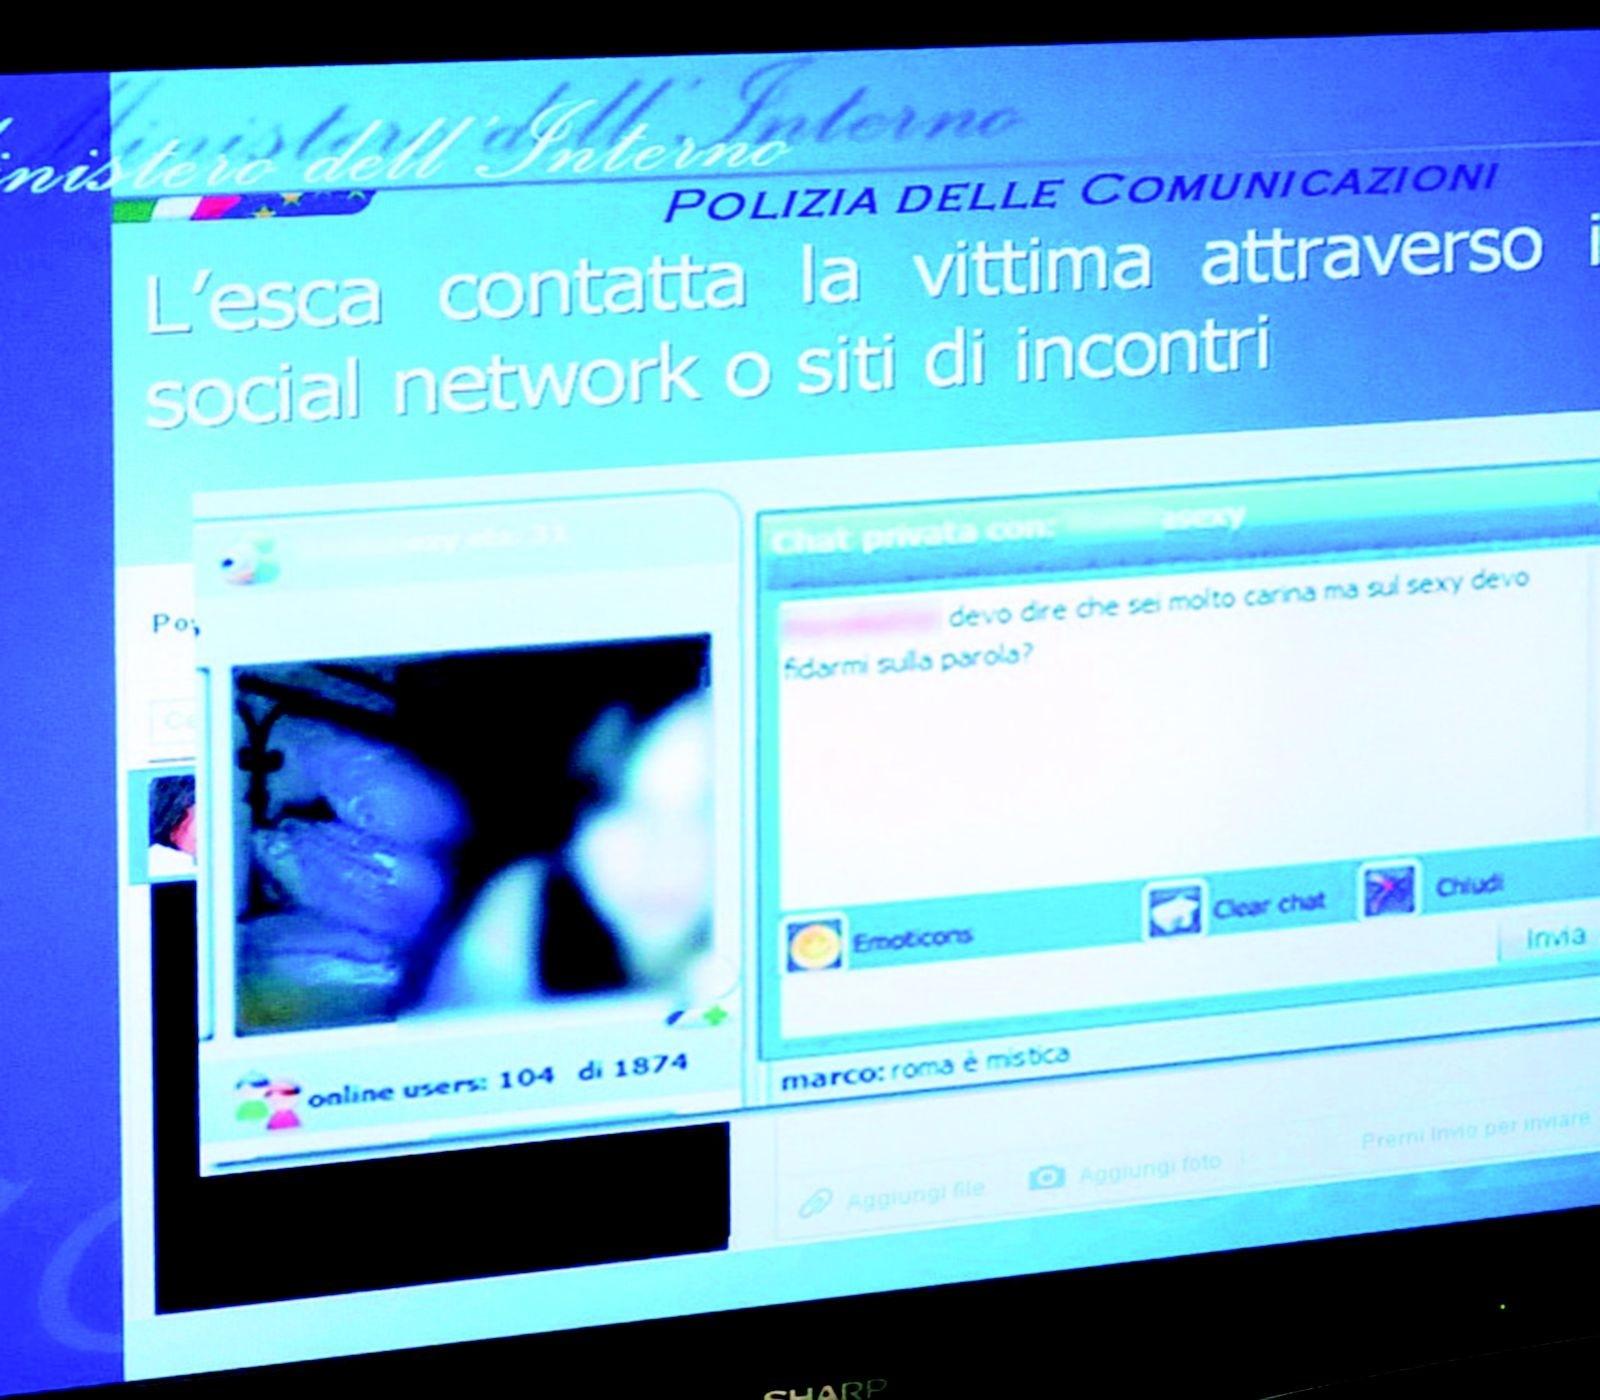 polizia uso siti di incontri Lirik Lagu agenzia di incontri Cyrano